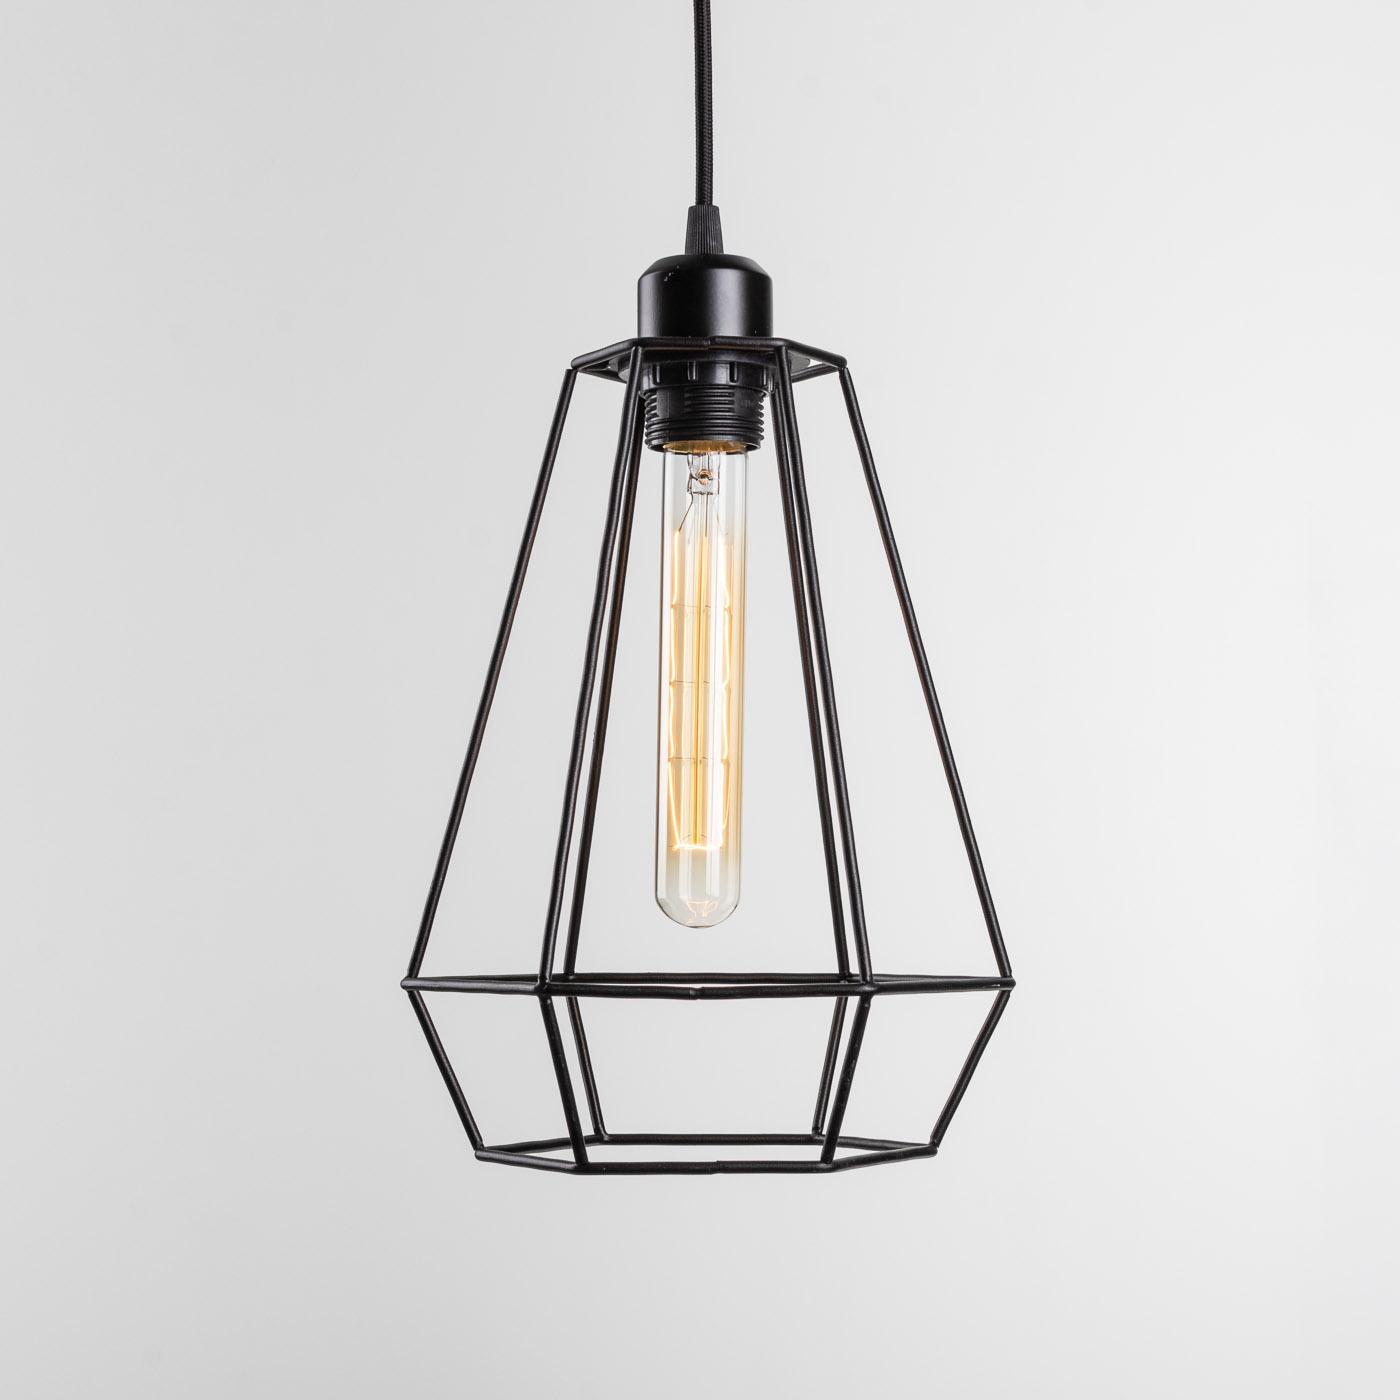 Потолочный светильник Ivar черный